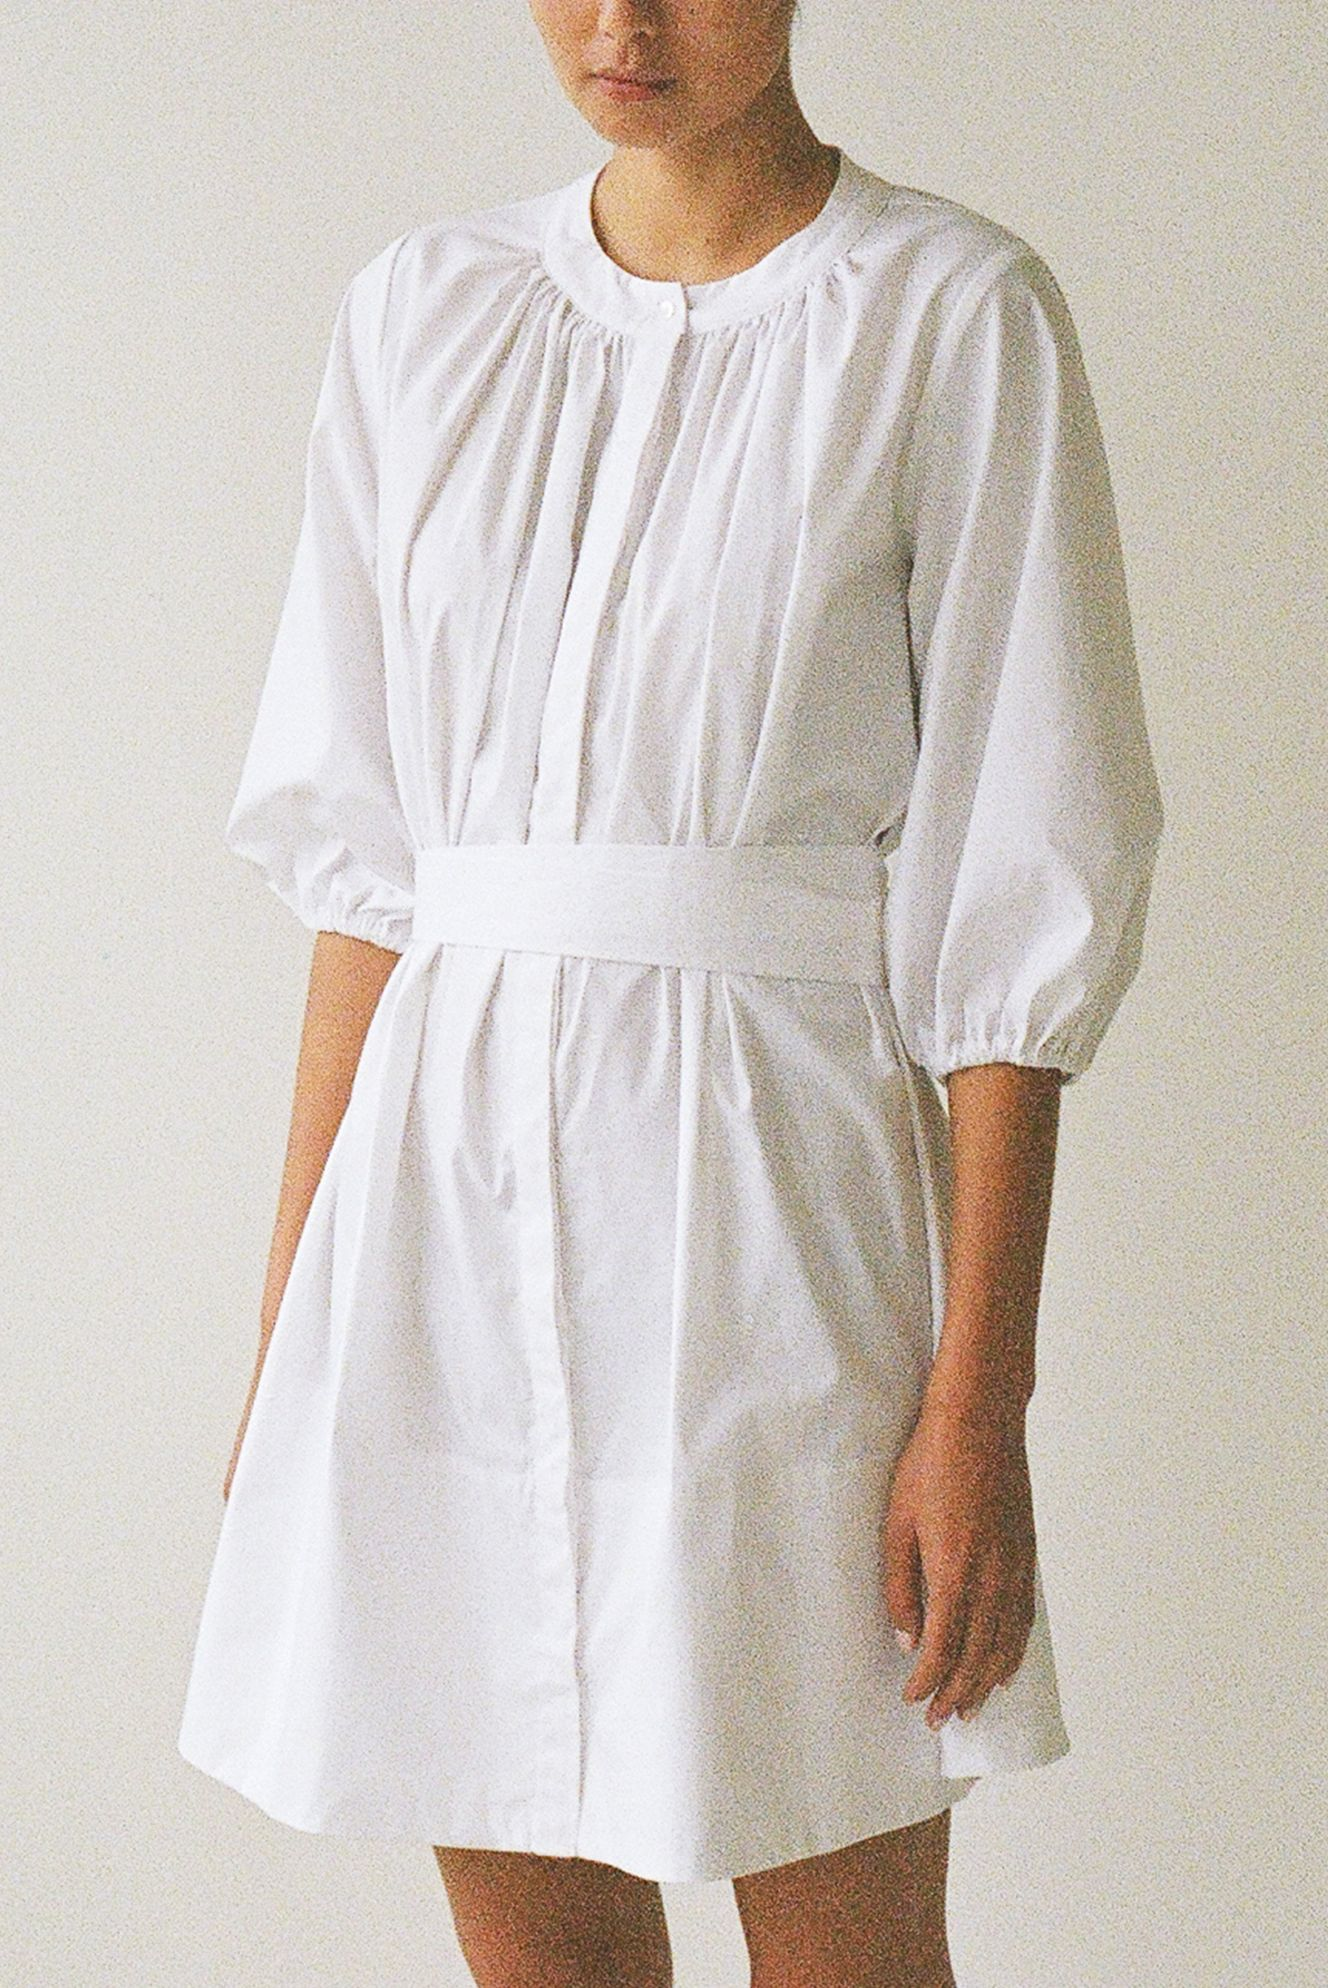 Bud dress - Ellis Label - Cotton poplin - Made to order design_0027_83120016